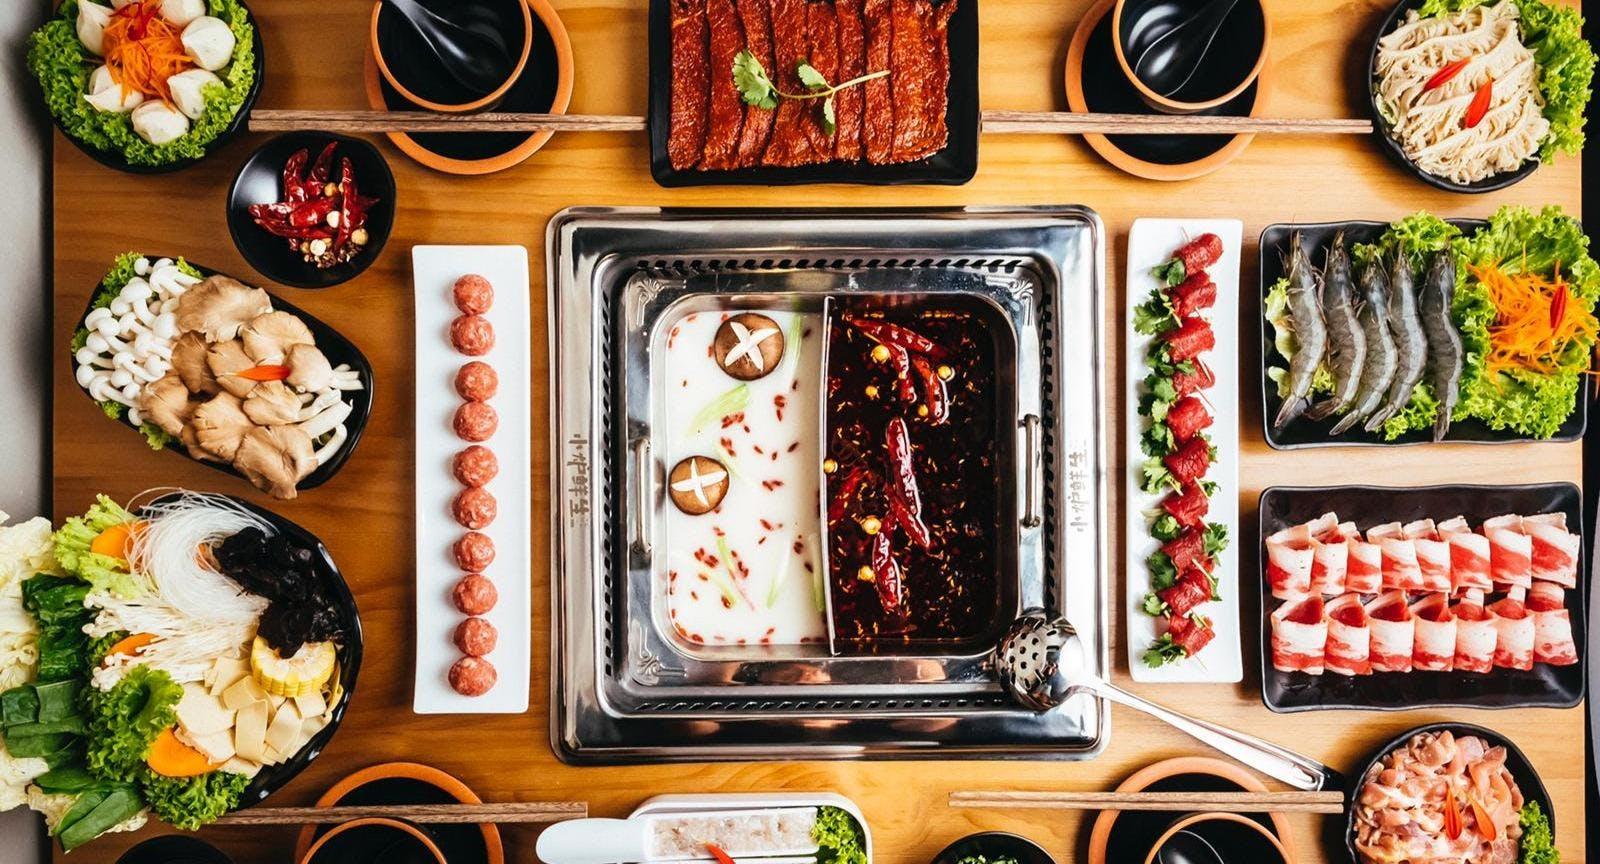 Shi Jian Hot Pot - 食间火锅 Suntec City Singapore image 1